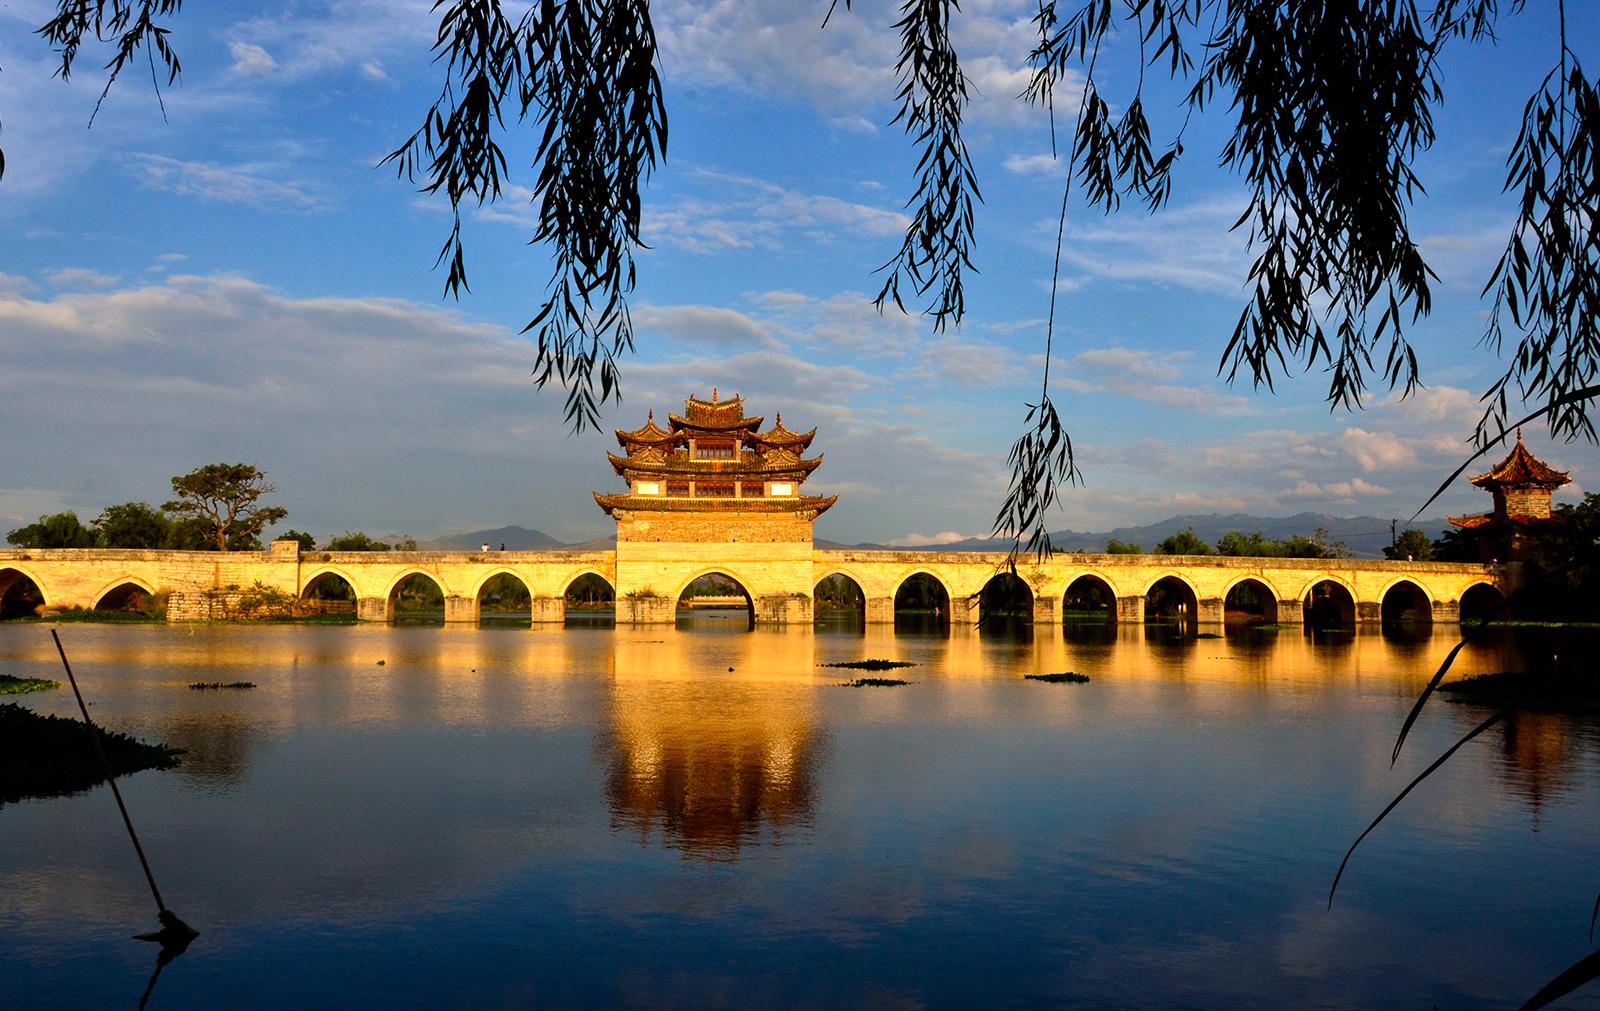 Pékin - Chengde - Hongkong / VISA FREE 2020